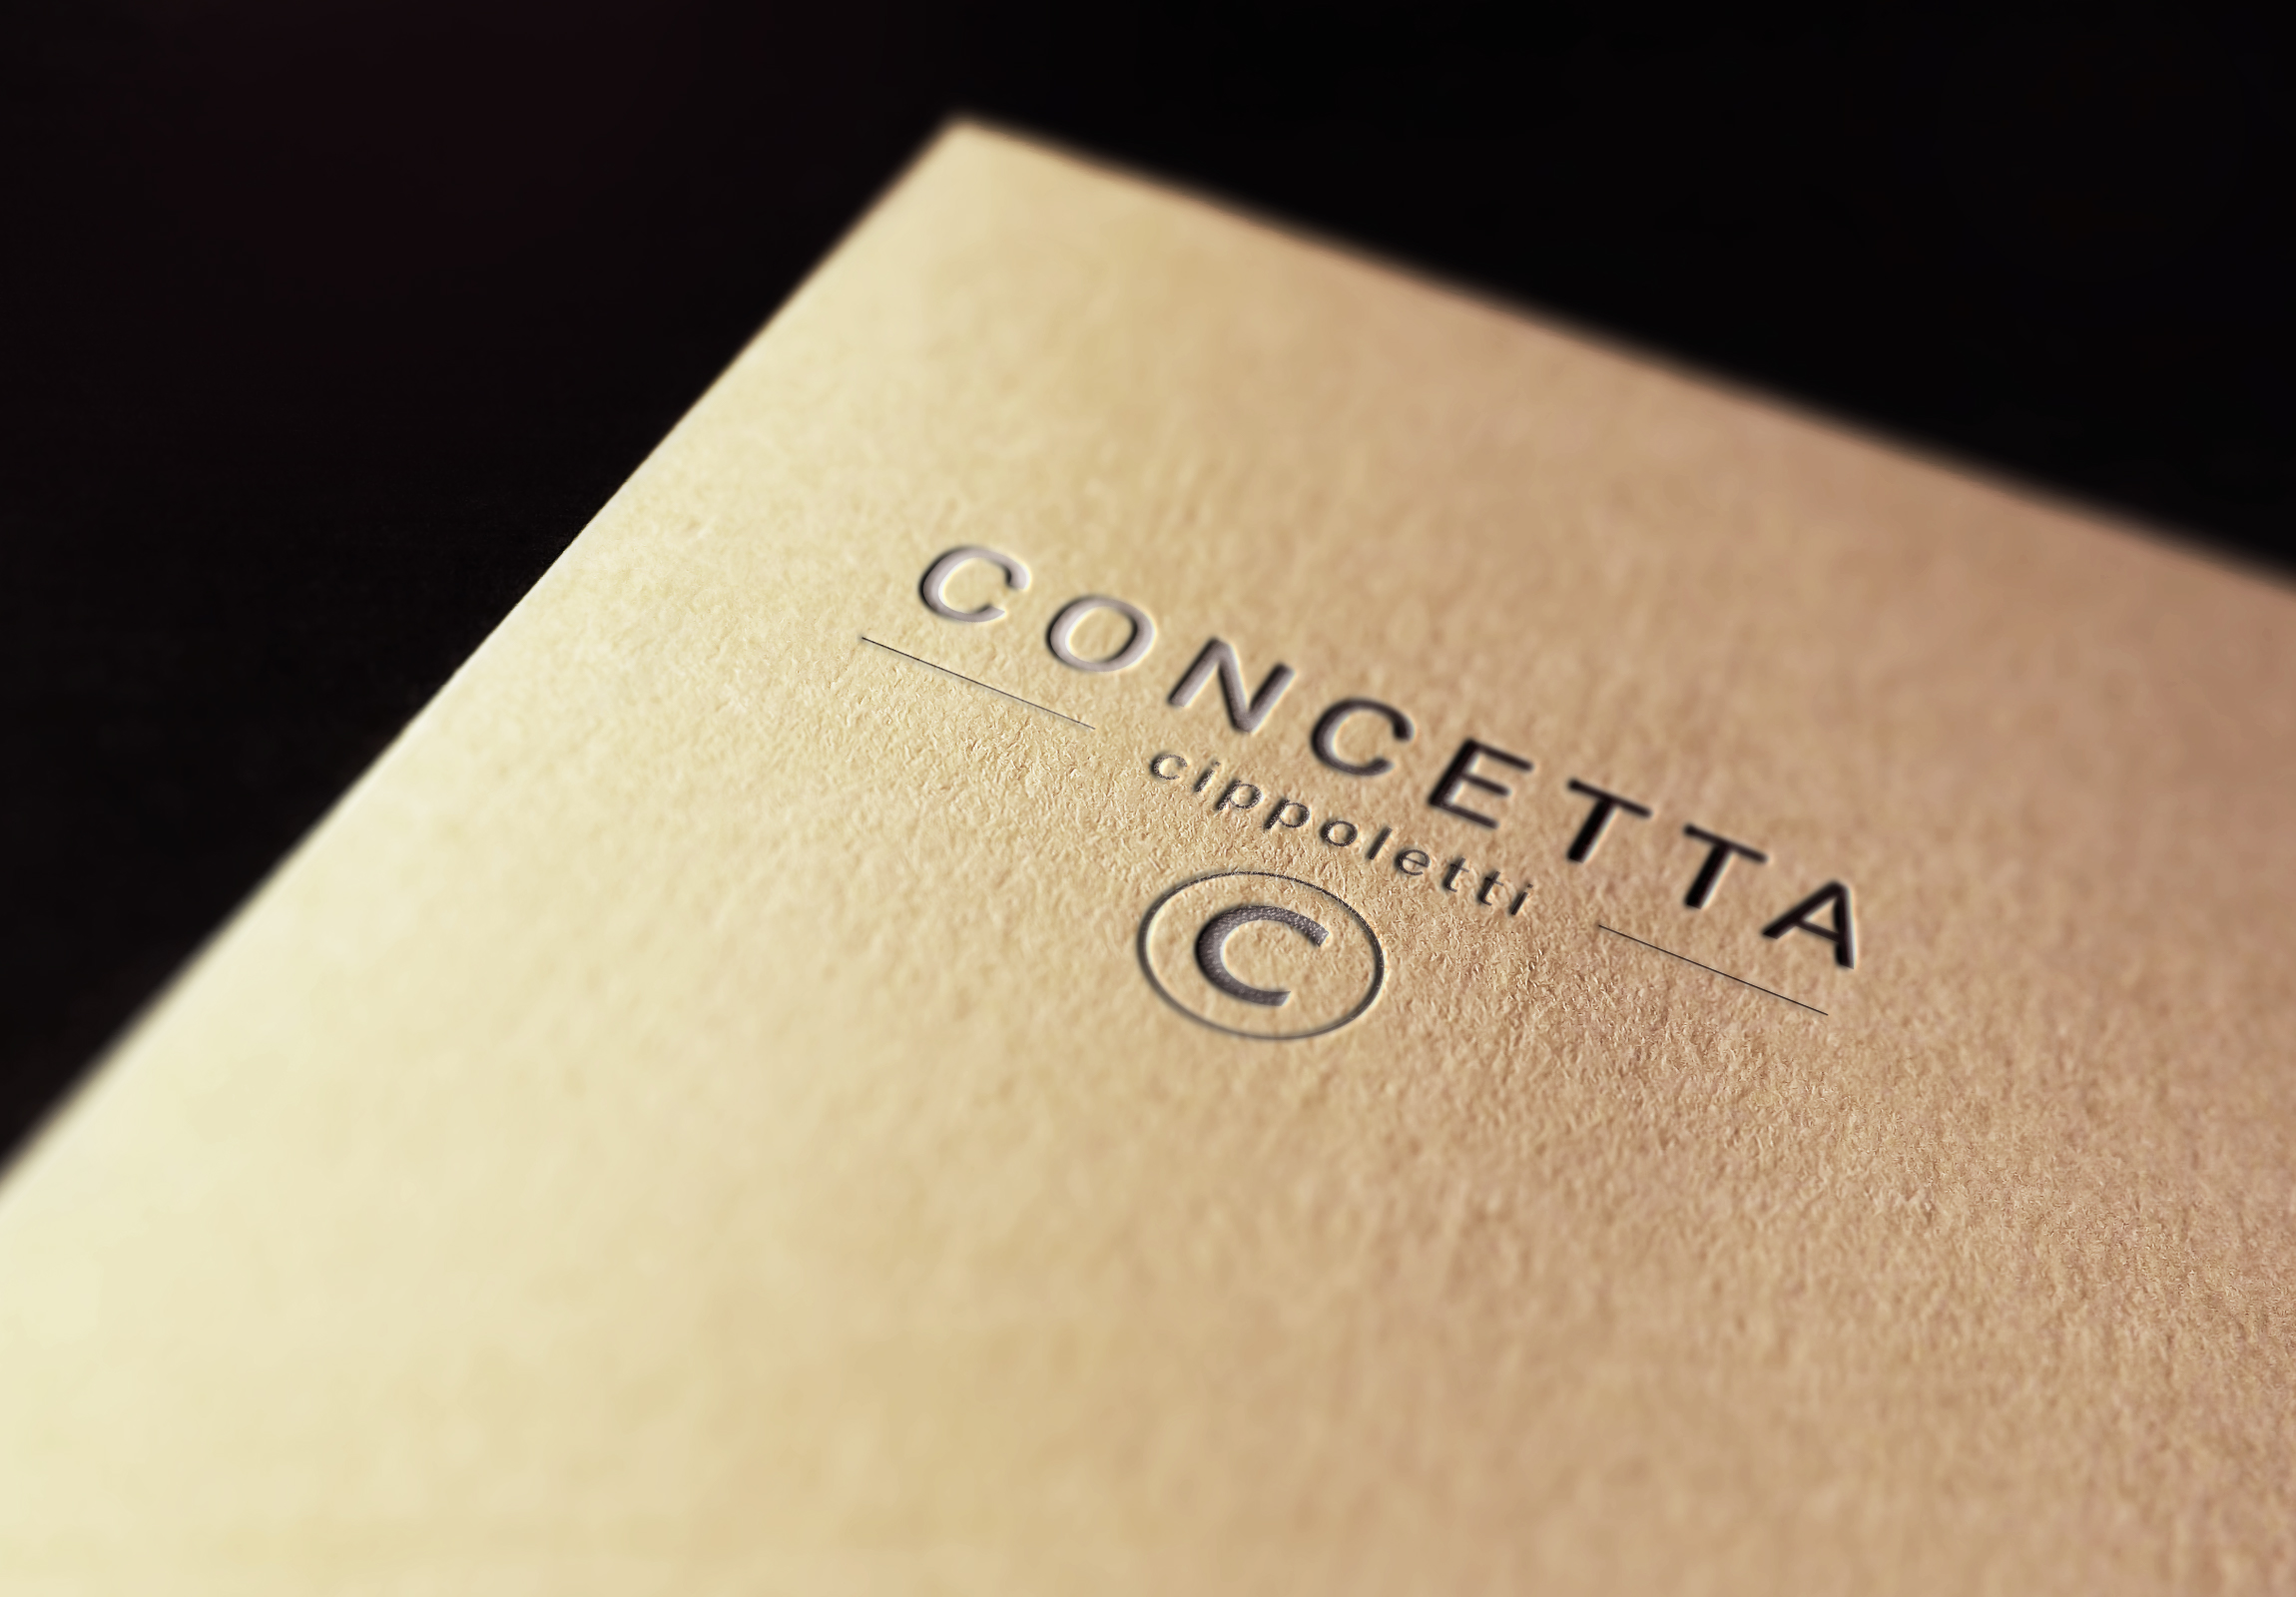 Concetta Cippoletti (1).jpg